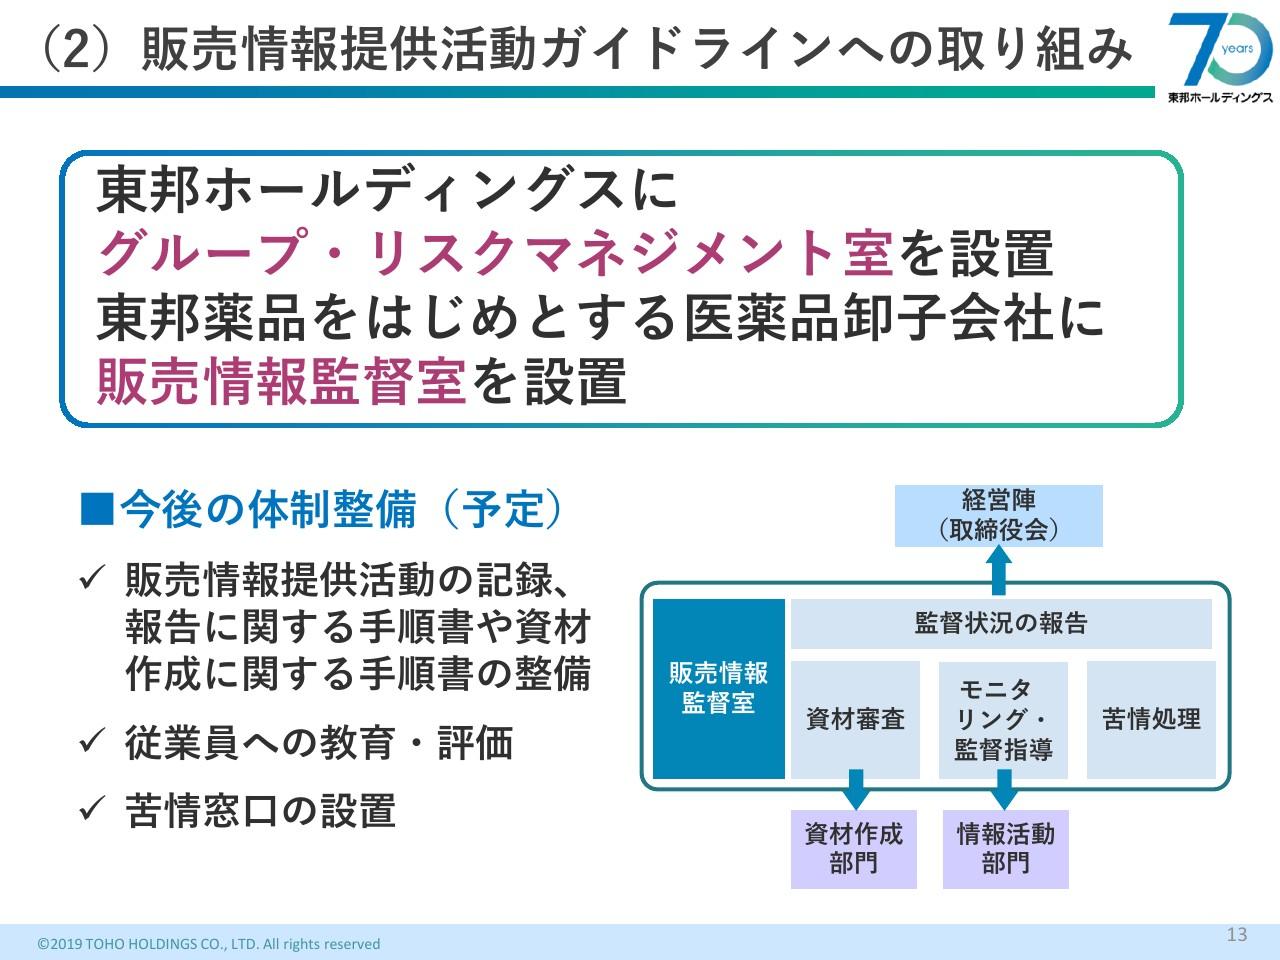 株価 東邦 薬品